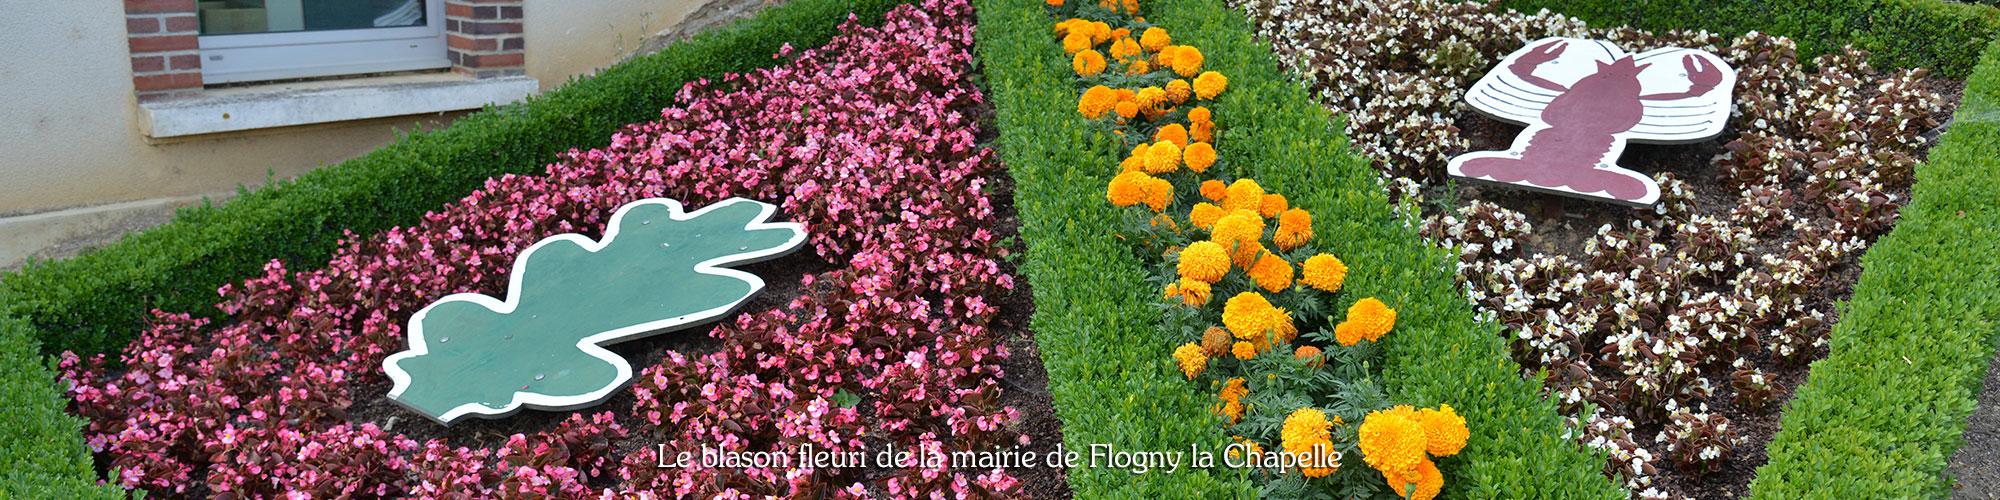 fleurissement mairie flogny